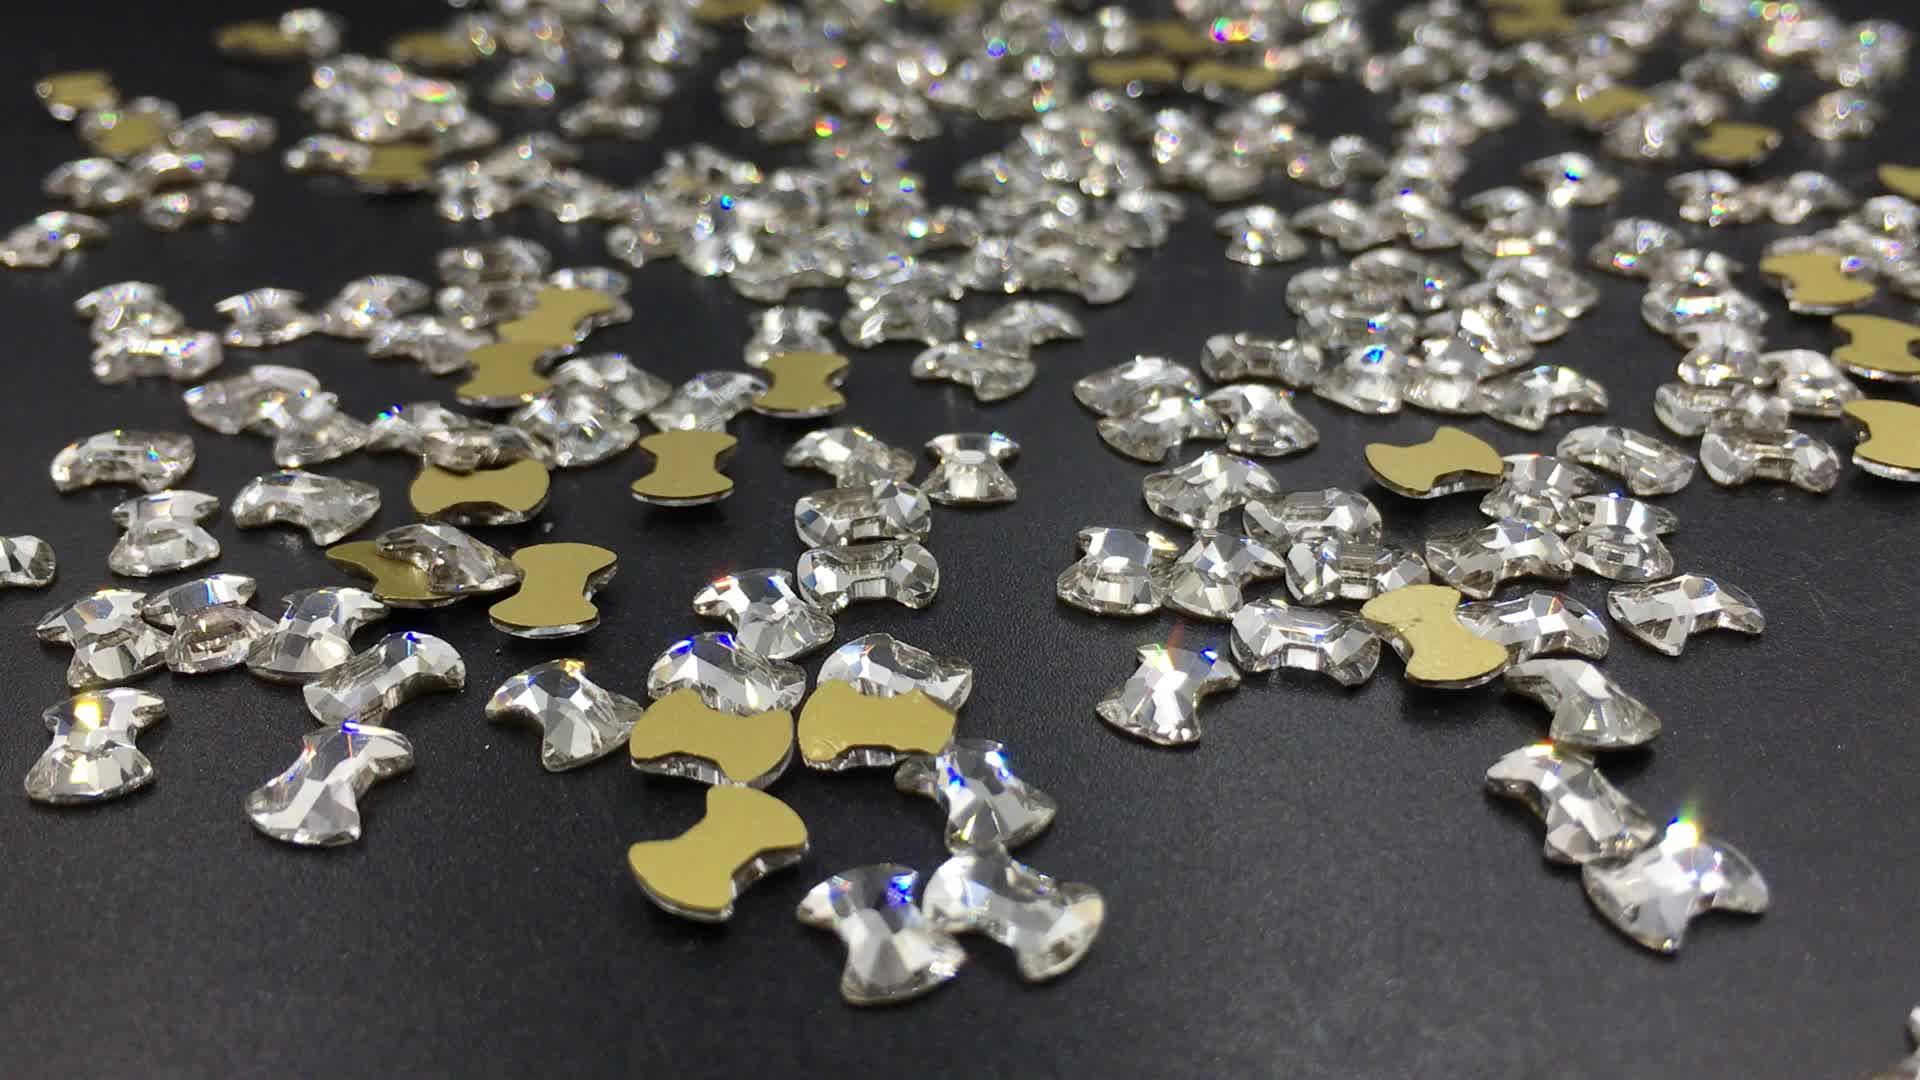 Super Brilhantes Cristais Diamantes Pedras Preciosas 3D Unhas Decorações Strass Para Unhas de Acrílico Sapatos Roupas Telefones